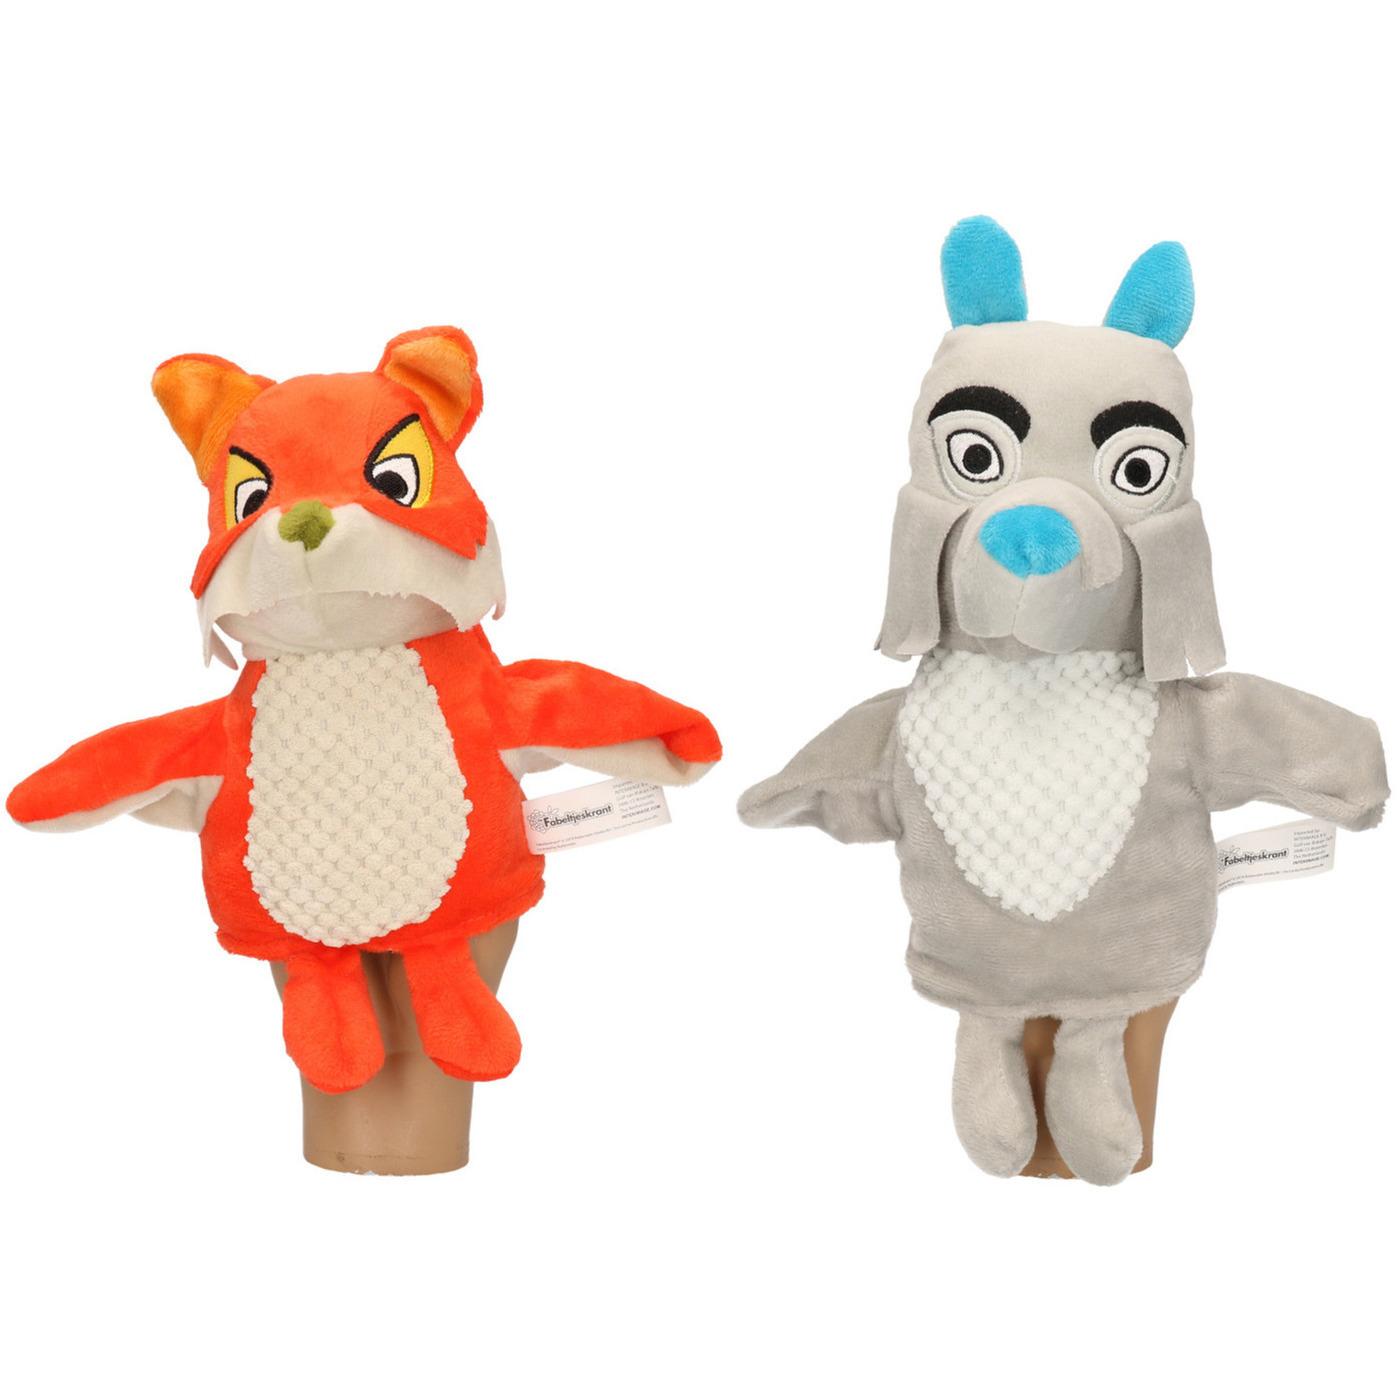 2x Vossen/wolven handpoppen knuffels 25 cm Fabeltjeskrant Lowieke de Vos en Mevrouw Ooievaar knuffeldieren